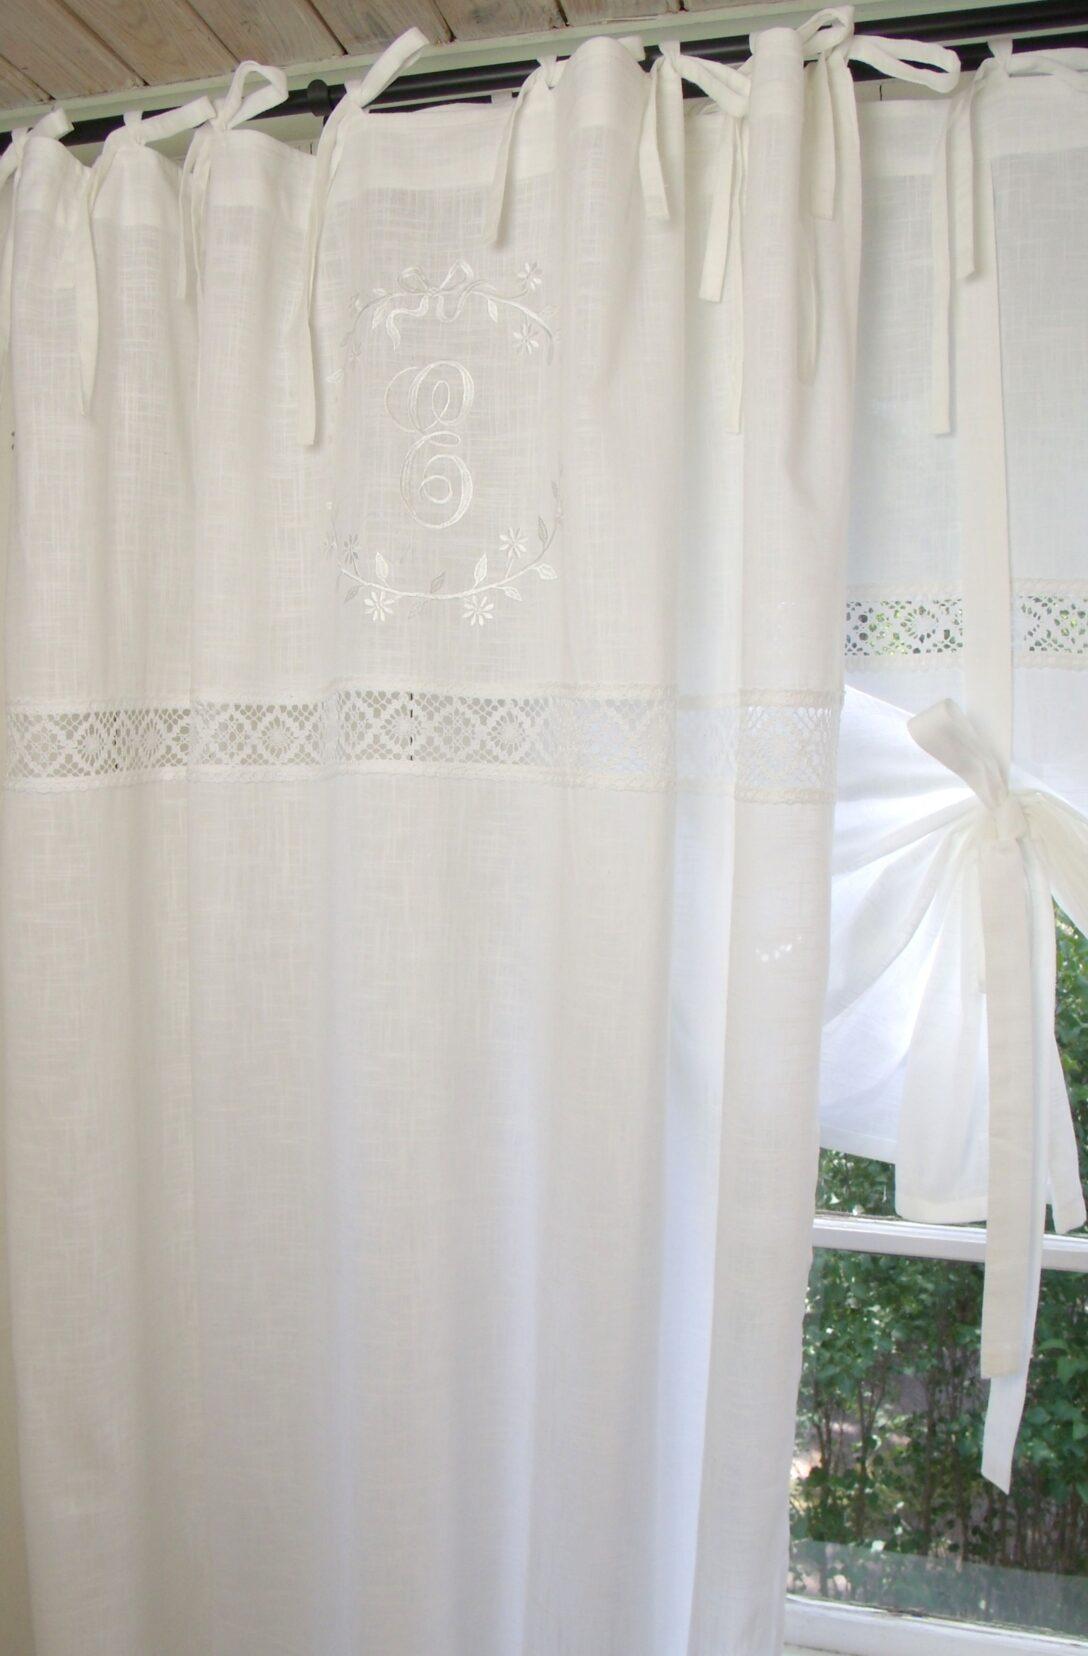 Large Size of Bon Prix Vorhänge Vorhang Emilia Wei Gardine 140x300 Cm 2 Stck Vorhnge Küche Bonprix Betten Wohnzimmer Schlafzimmer Wohnzimmer Bon Prix Vorhänge